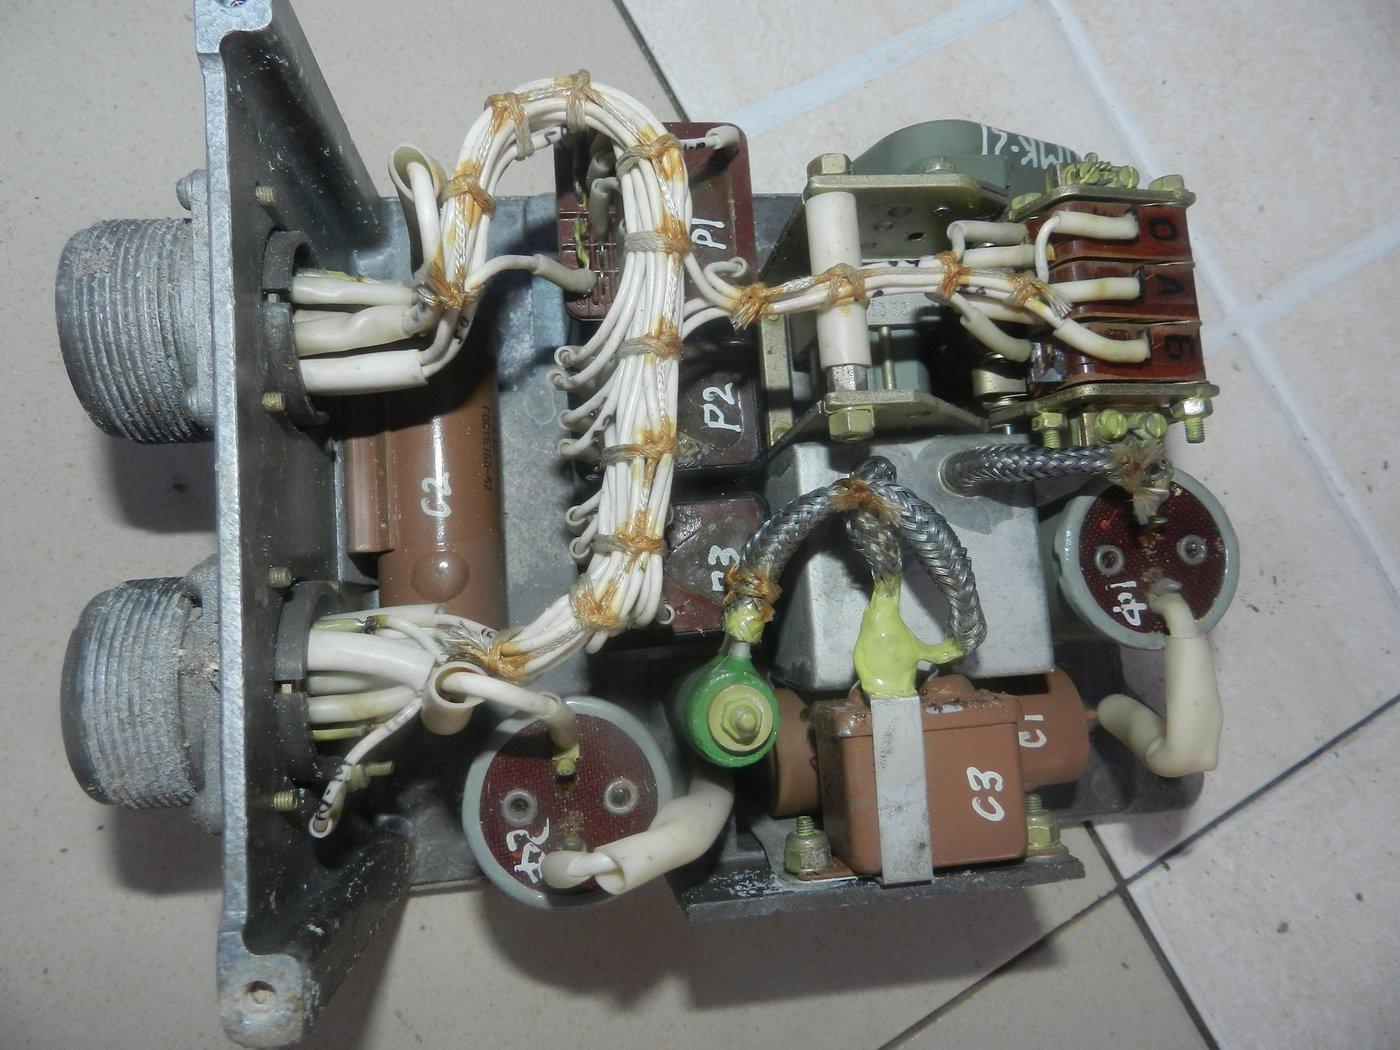 DSCN8522.JPG